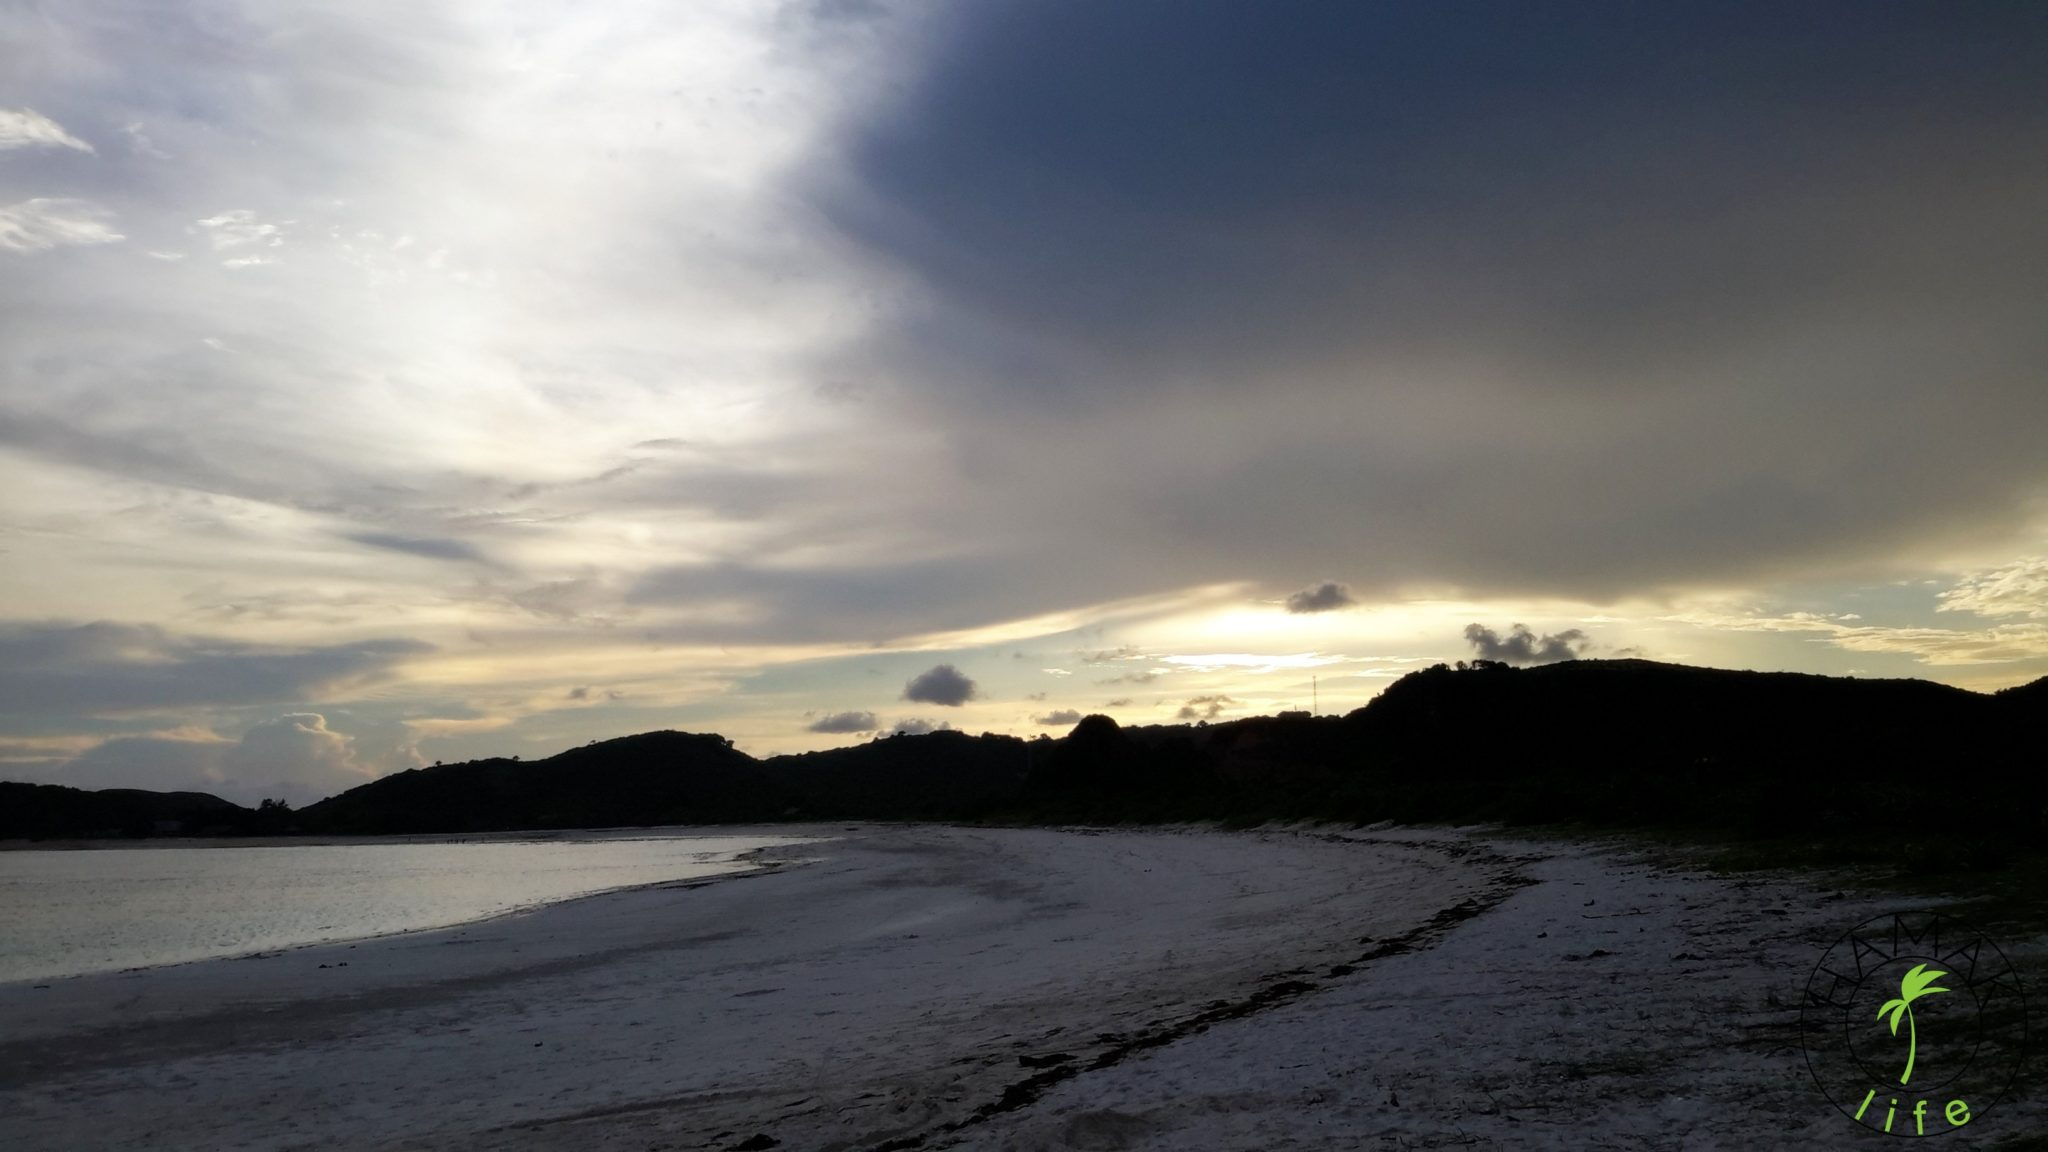 Plaża, na której surfowała dziewcznyna widmo